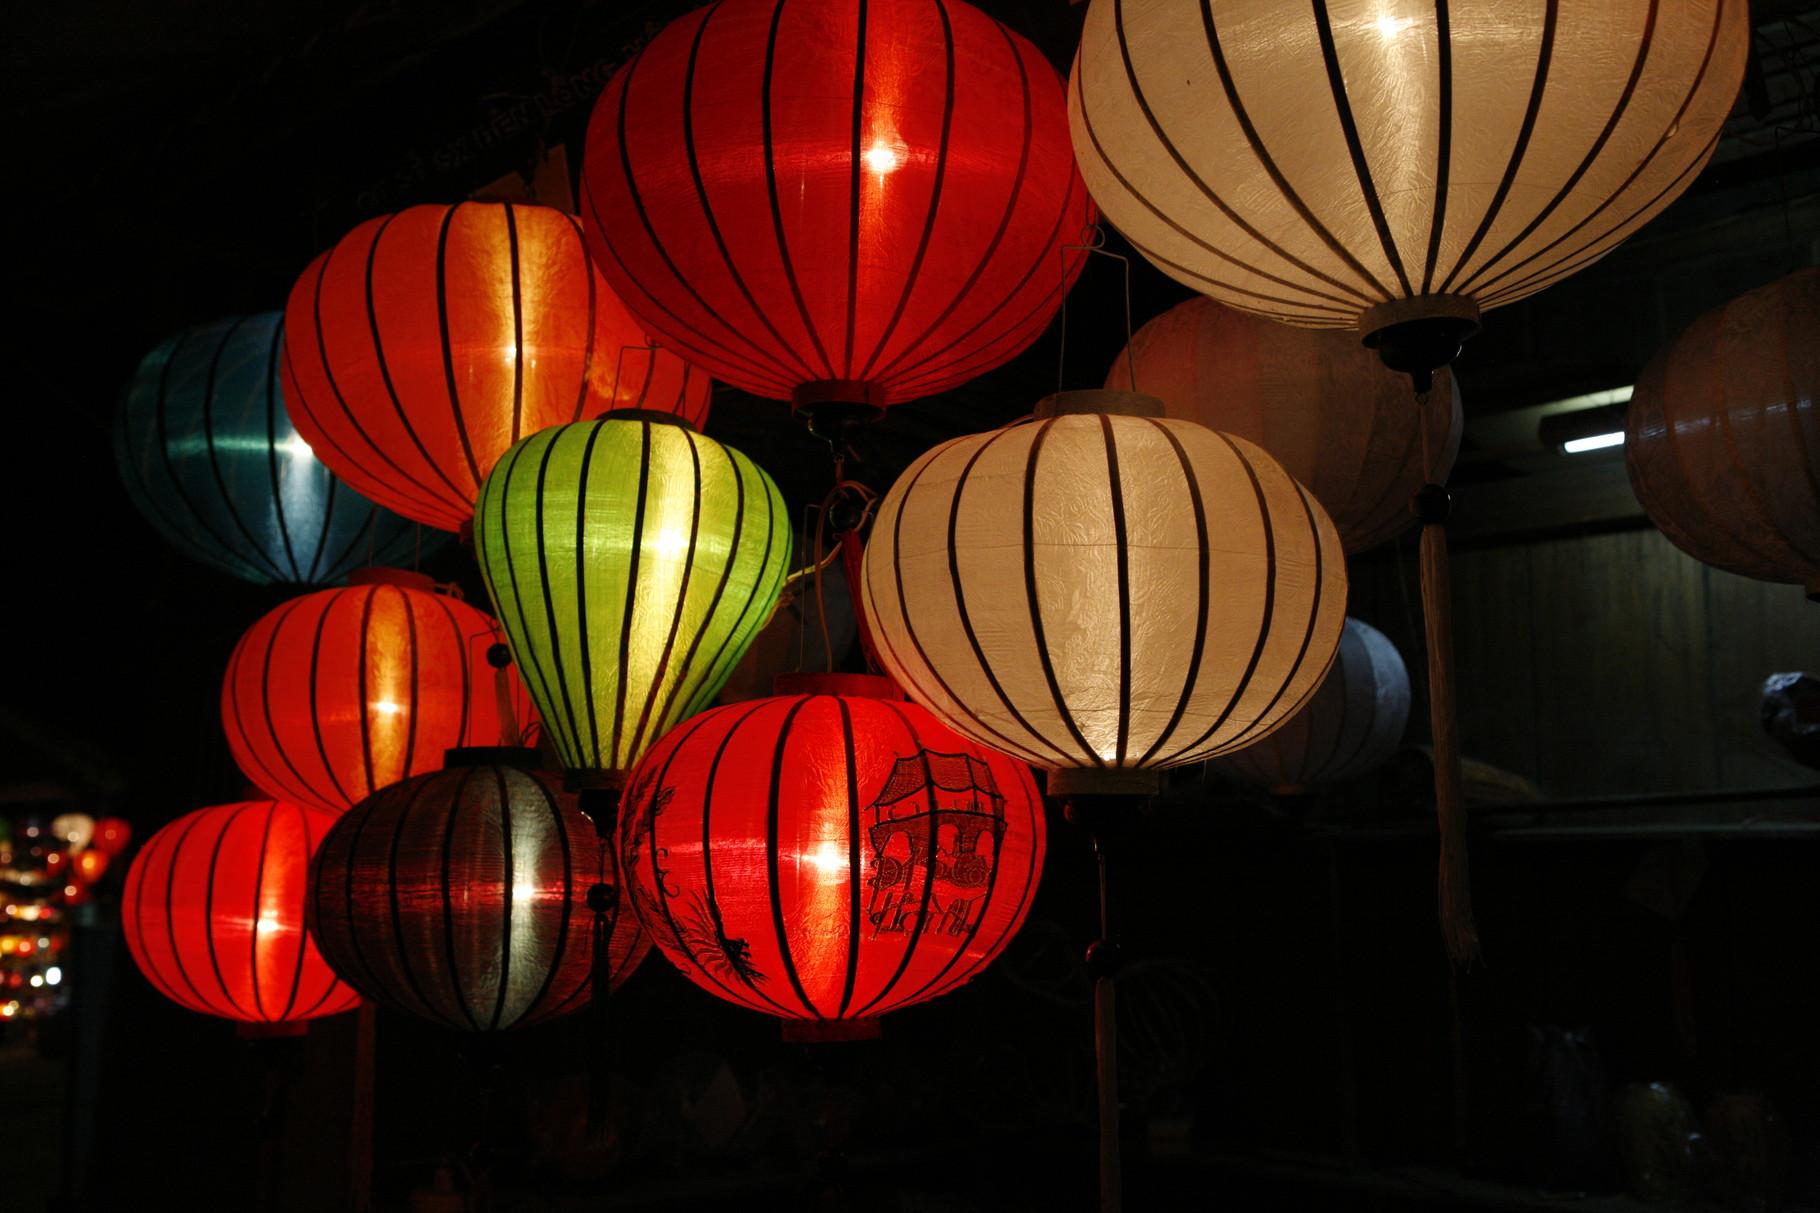 Lampionnen op de markt in Hoi An, Vietnam.